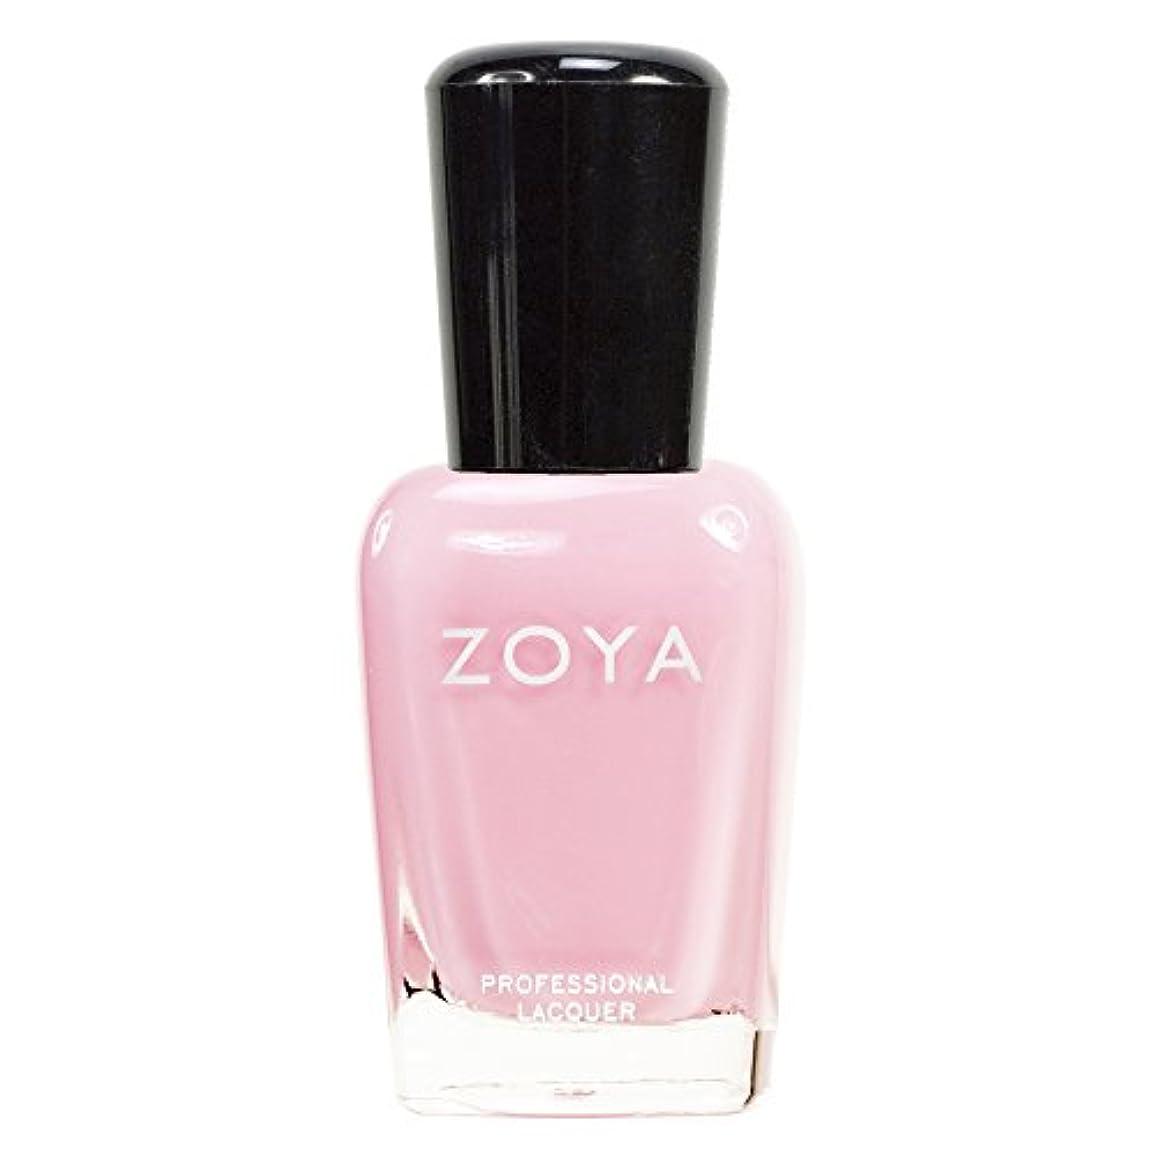 無視する酒何もないZOYA ゾーヤ ネイルカラーZP315 BELA ベラ 15ml 淡く優しいクリーミーなピンク マット 爪にやさしいネイルラッカーマニキュア